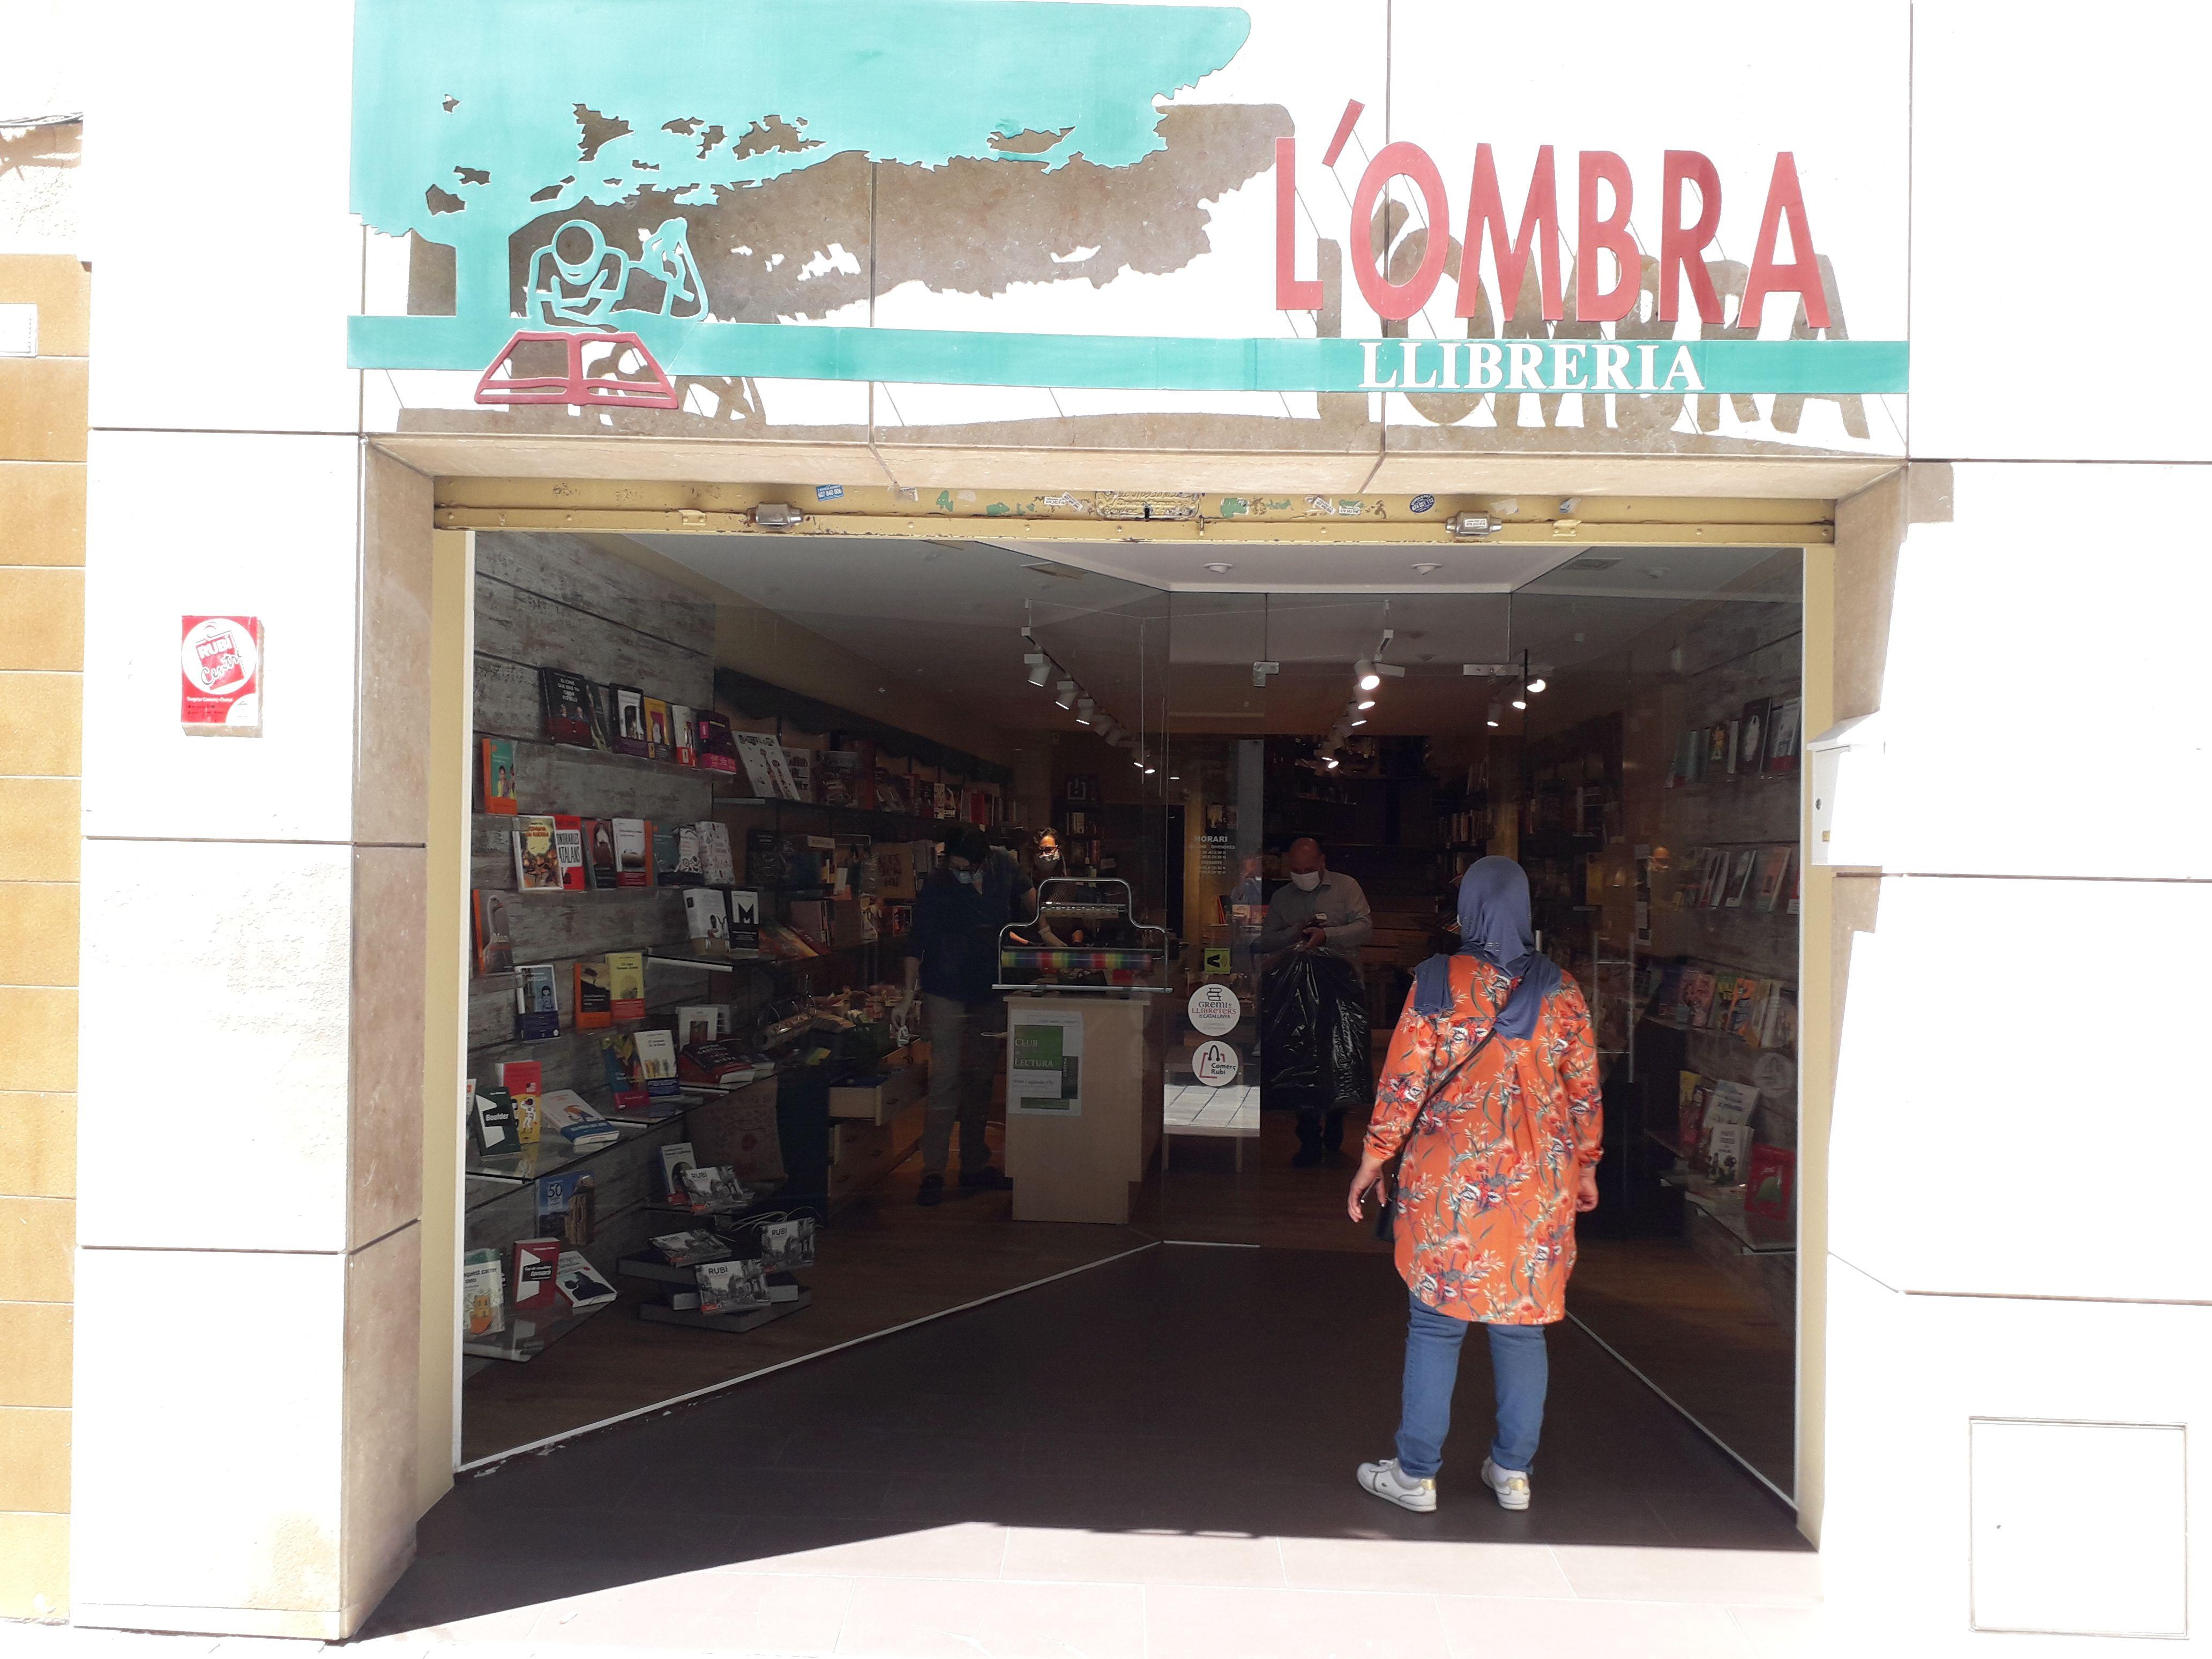 Façana de la llibreria L'Ombra. FONT: Núria HS